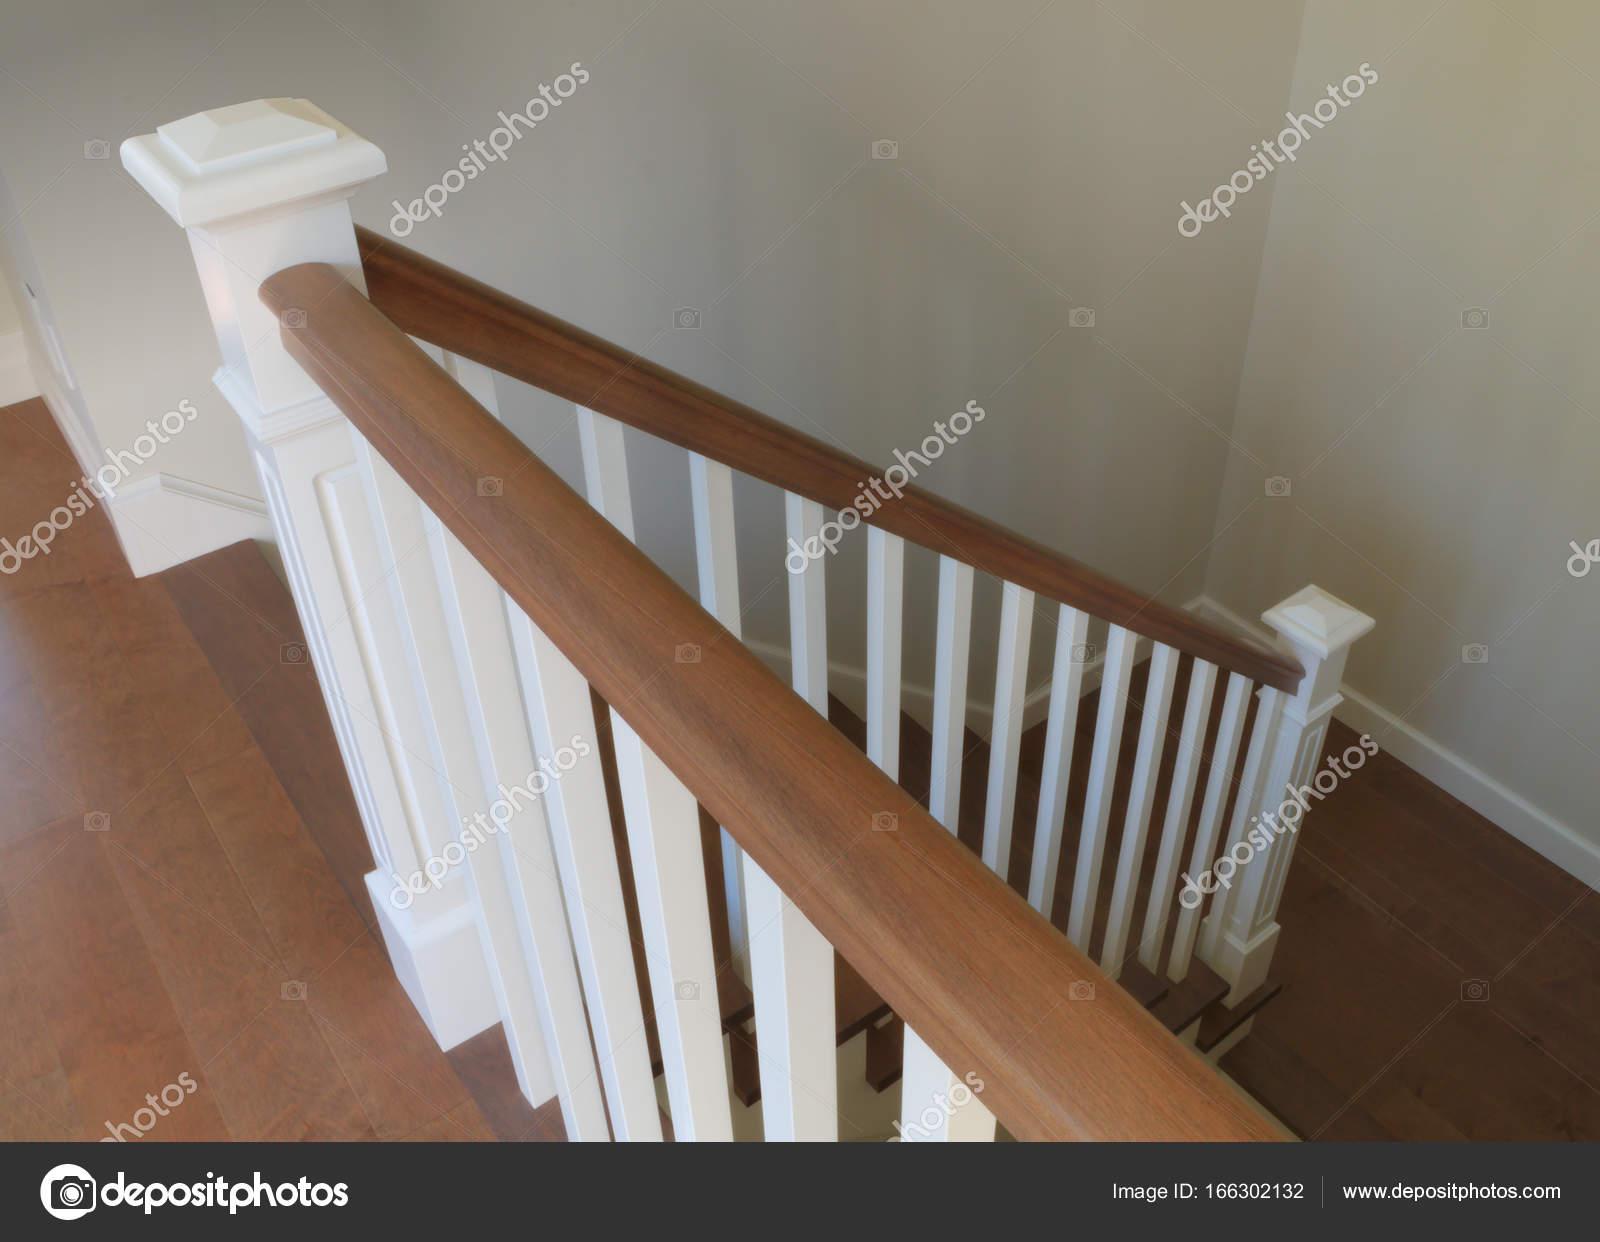 Rampa de escalera blanco interior dise o cl sico pasos madera barandillas foto de stock - Barandillas de madera para interior ...